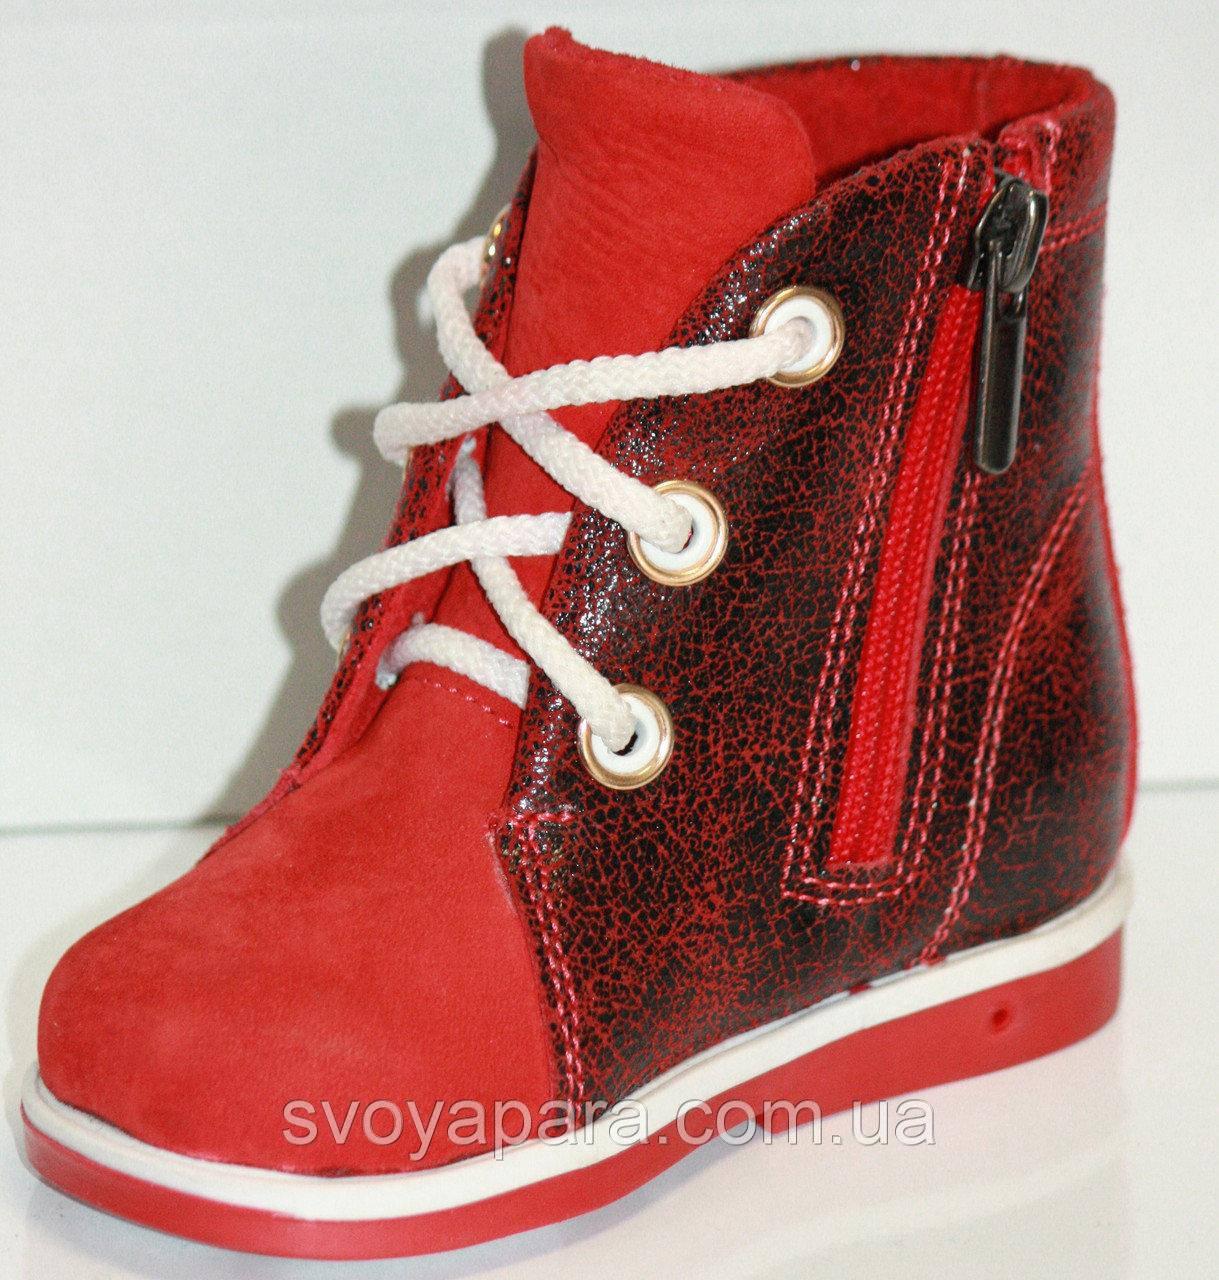 Ортопедические ботинки весенне-осенние детские красные нубуковые (10360)